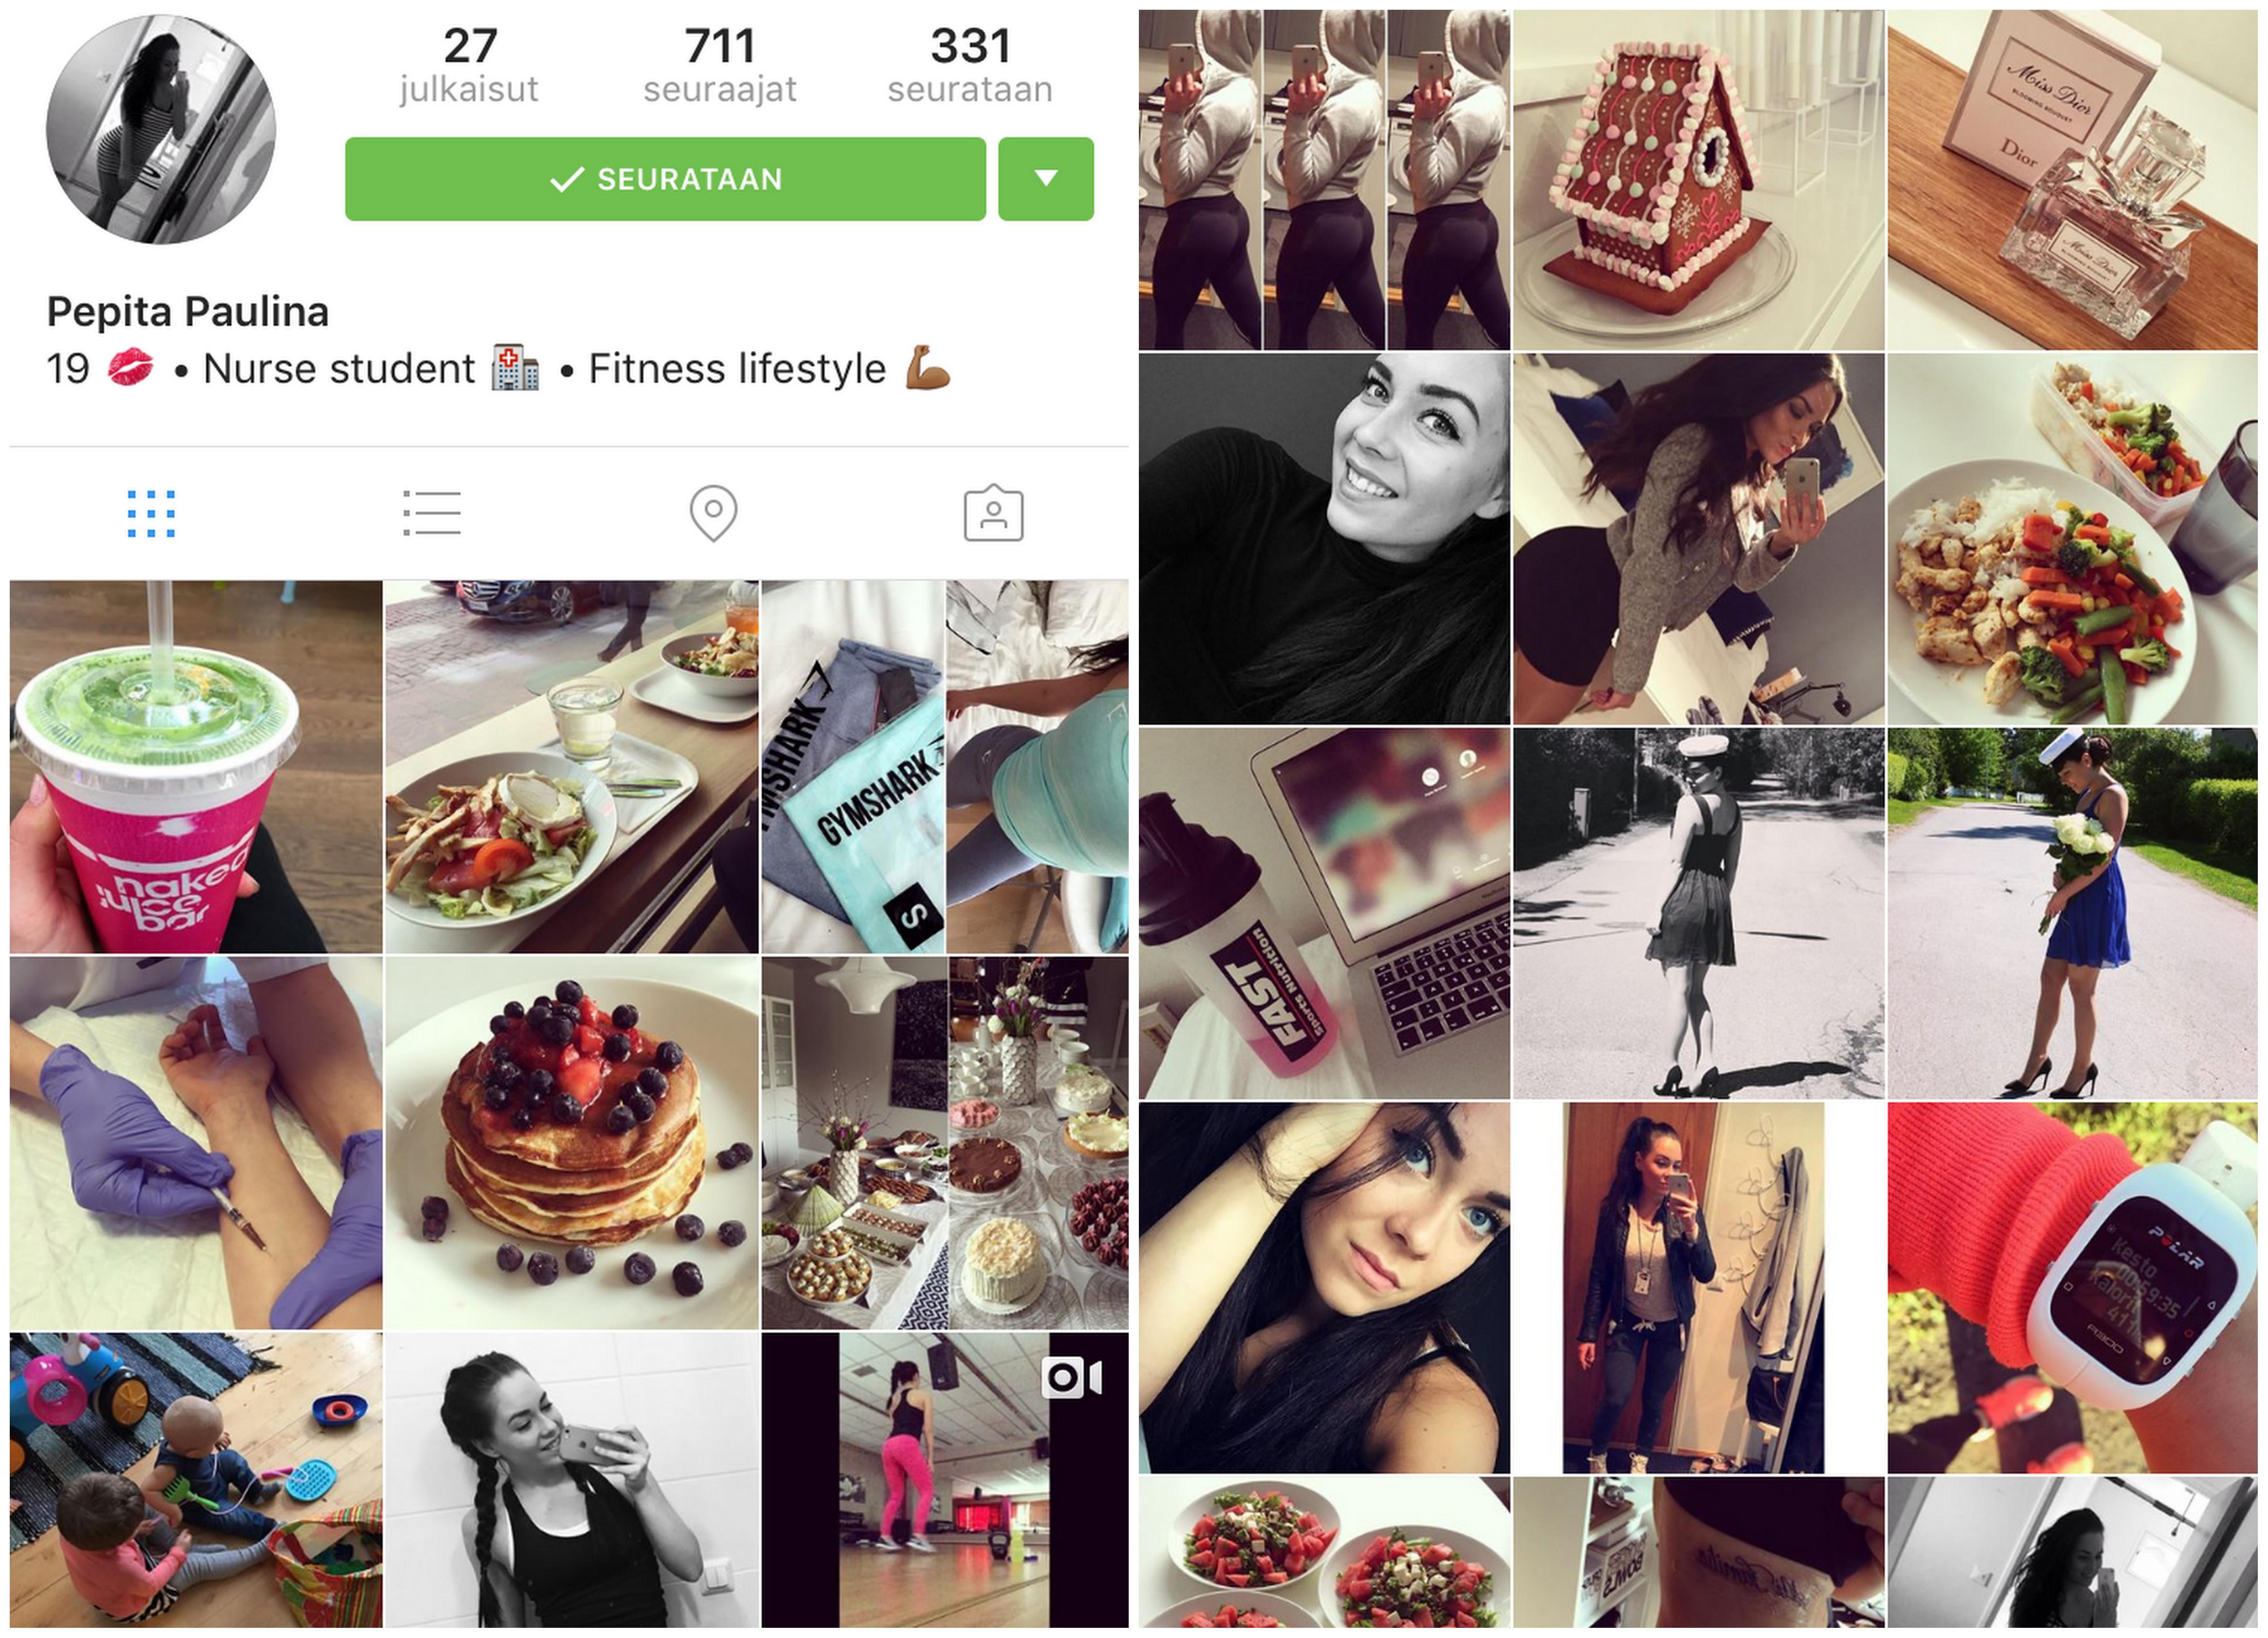 Instagram selfies